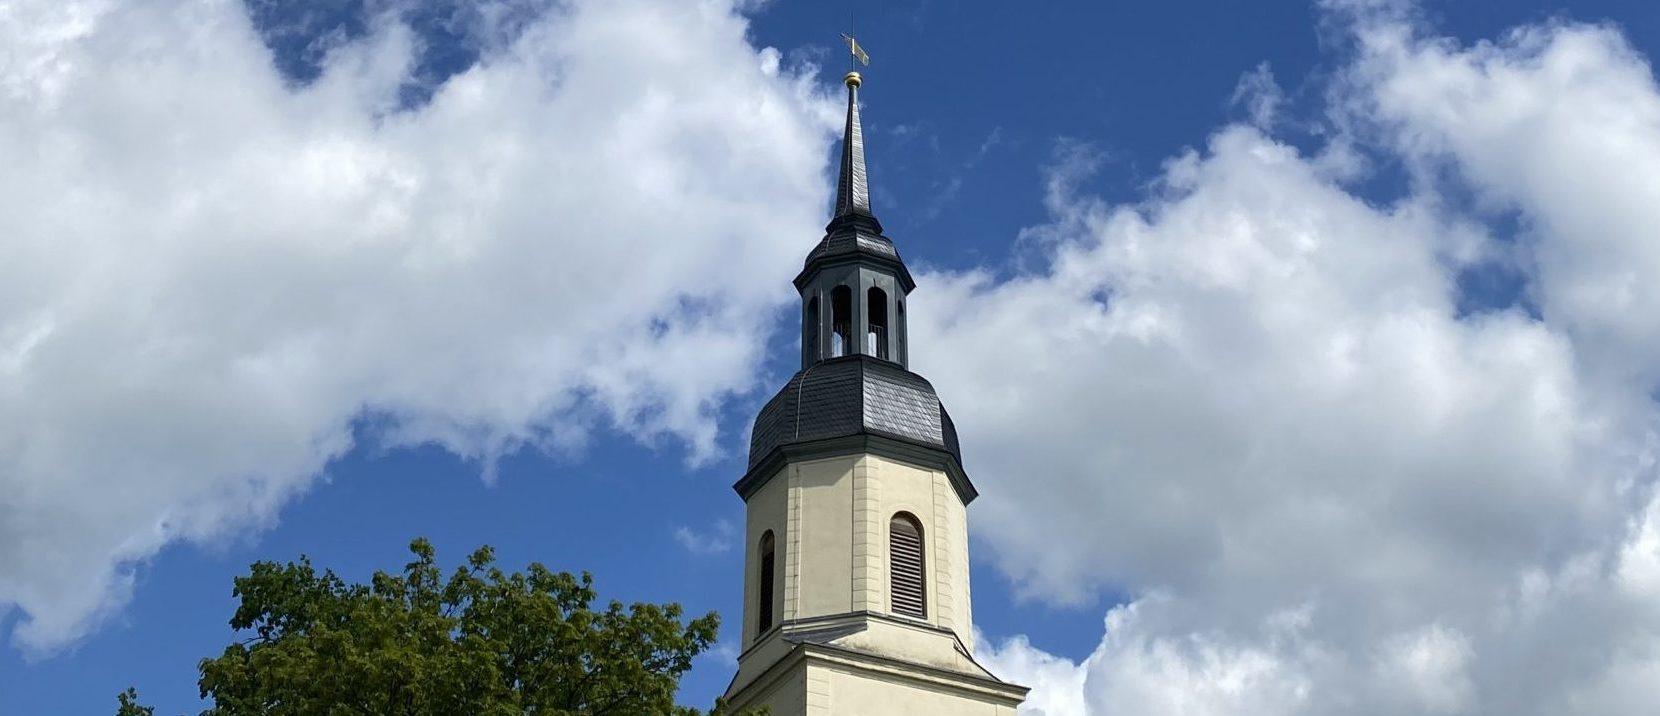 St. Peter Kirche Lenz